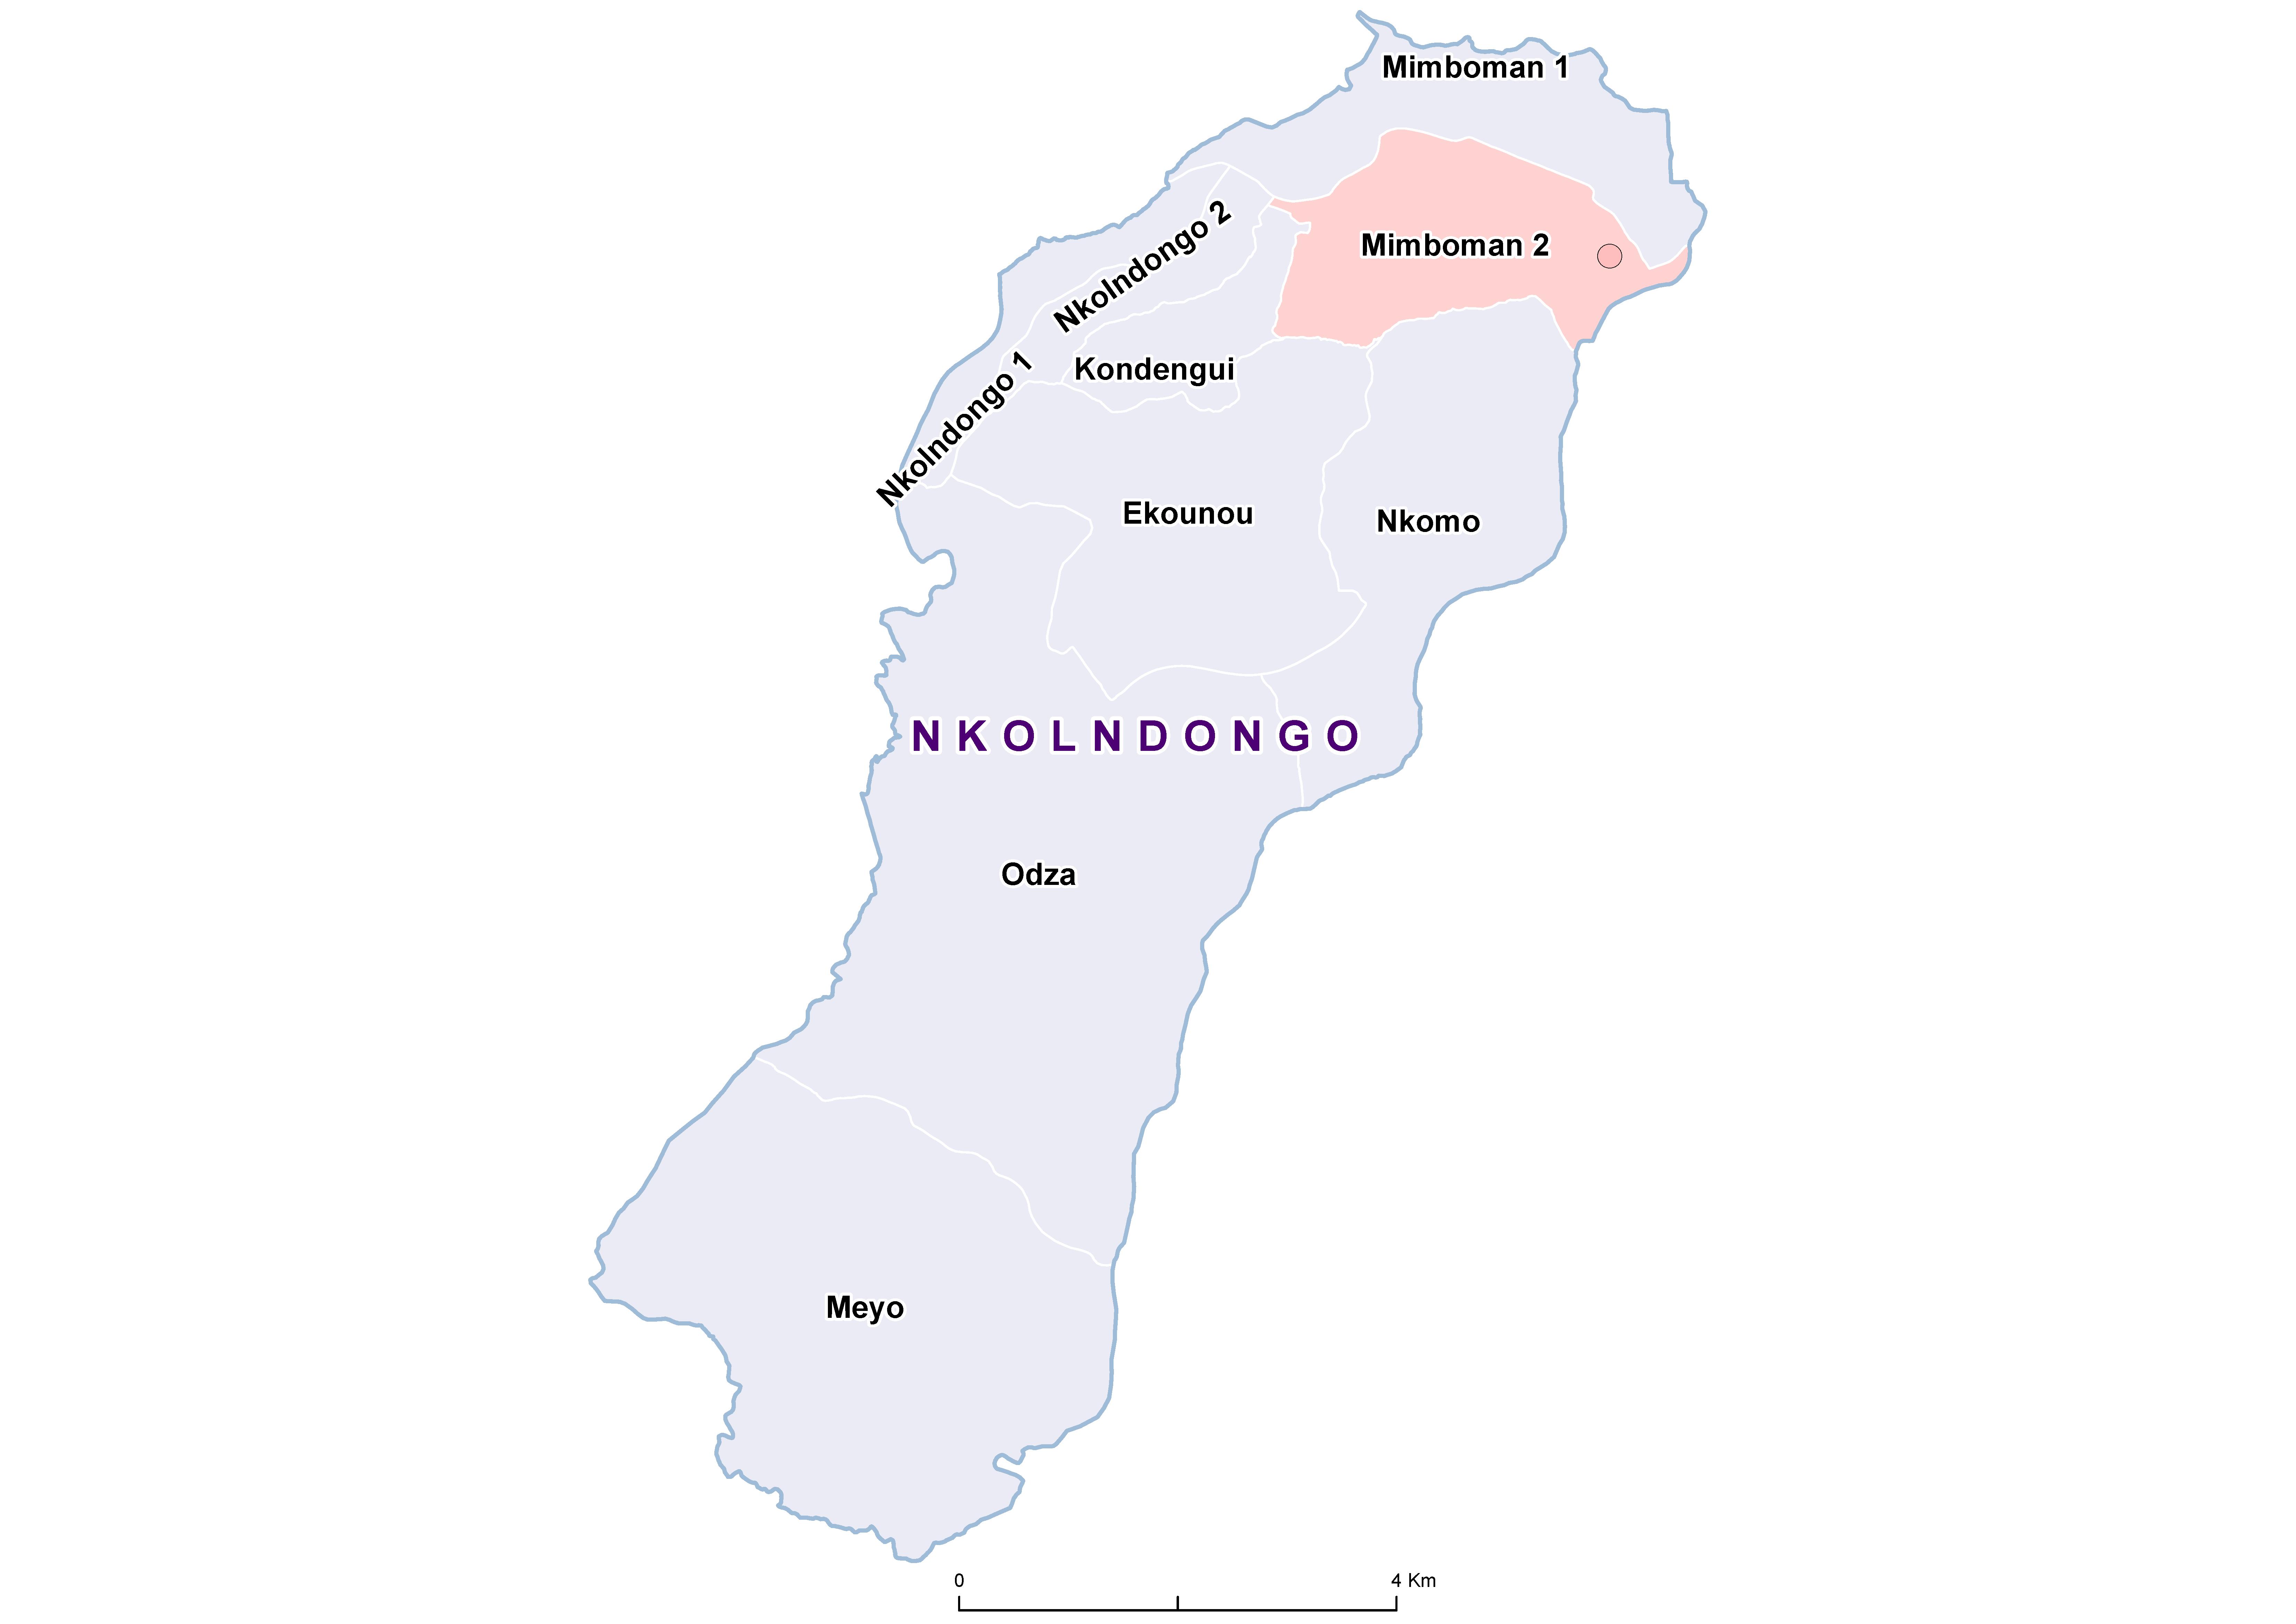 Nkolndongo STH 20100001